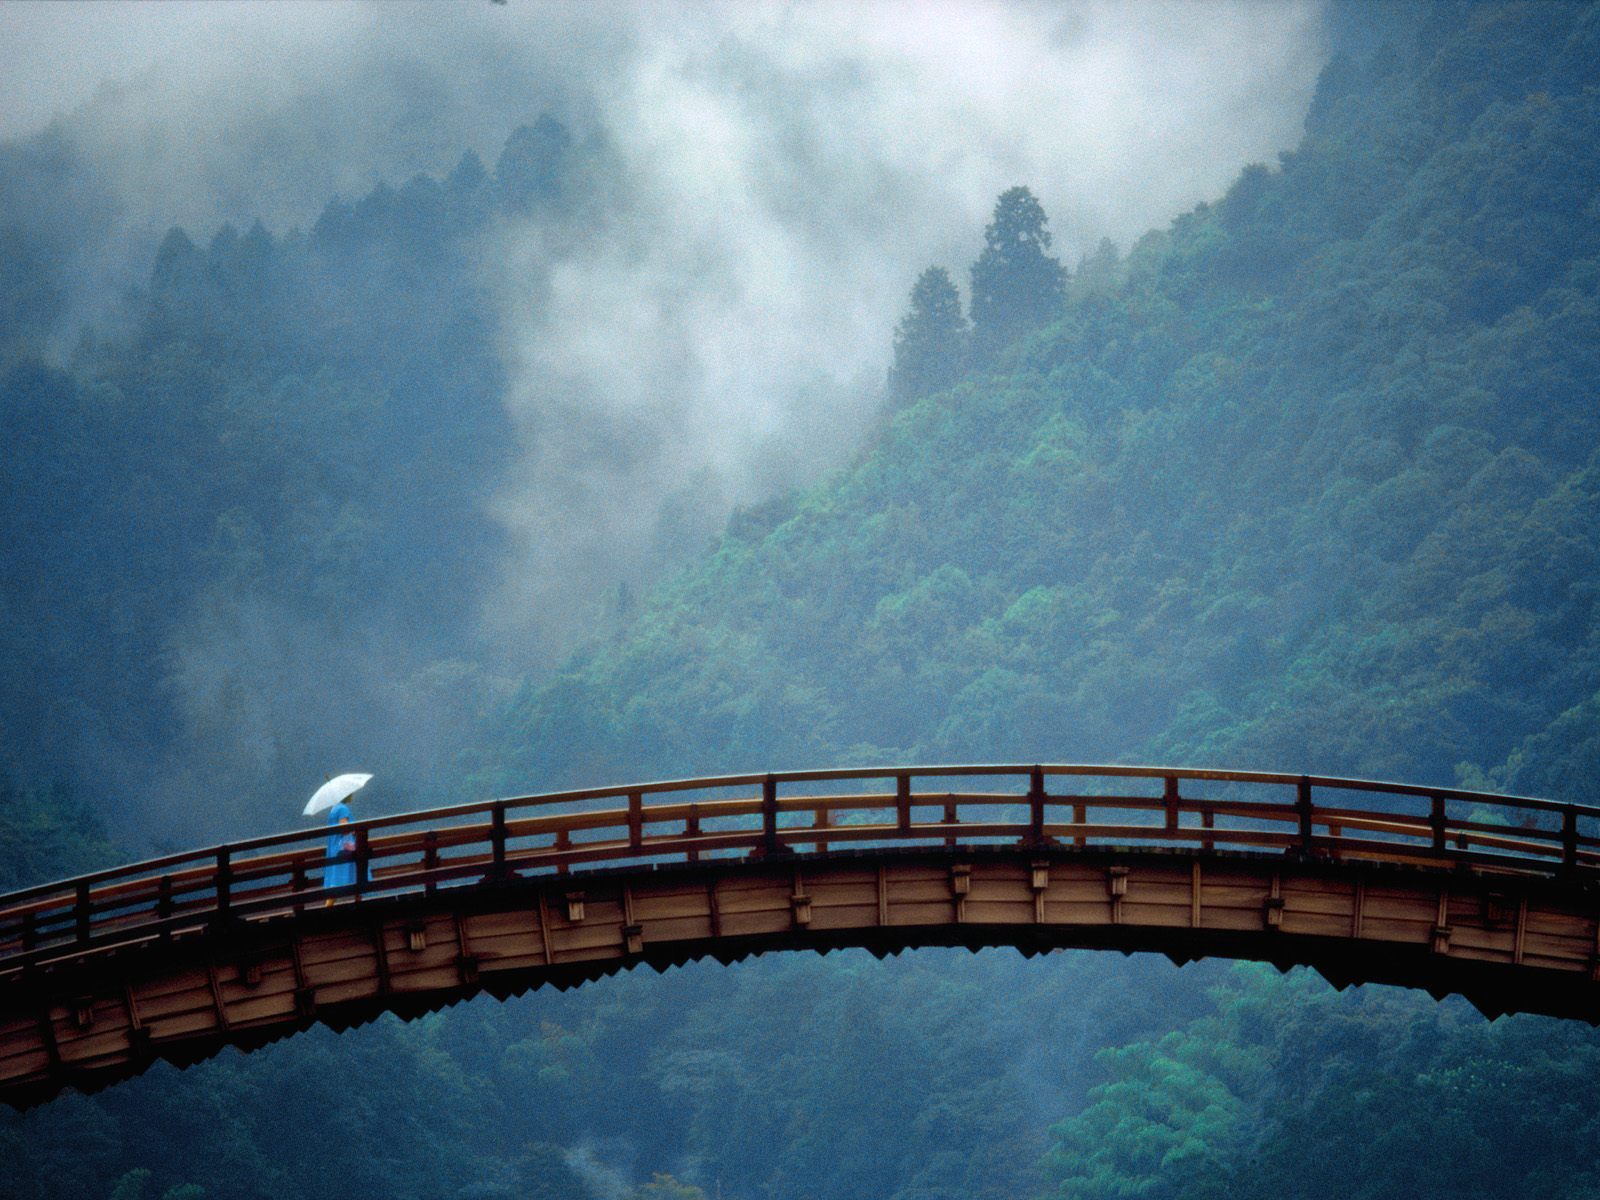 All New Wallpaper Gambar Jembatan Termegah Dan Terindah Di Dunia